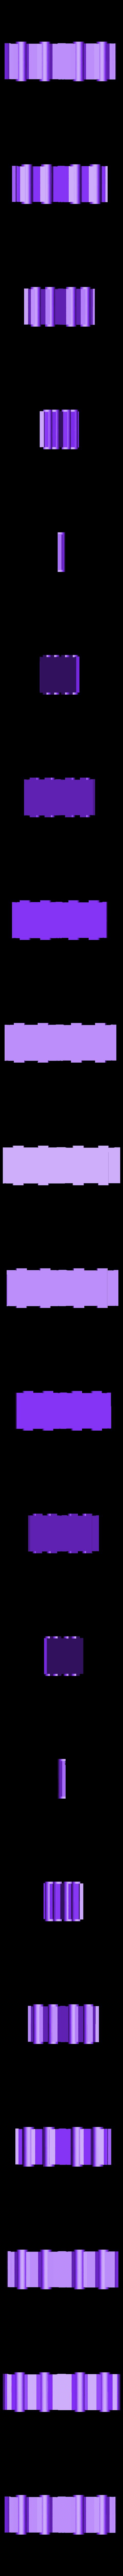 base.stl Télécharger fichier STL gratuit KustomWagon (en plusieurs pièces) • Objet imprimable en 3D, Savex